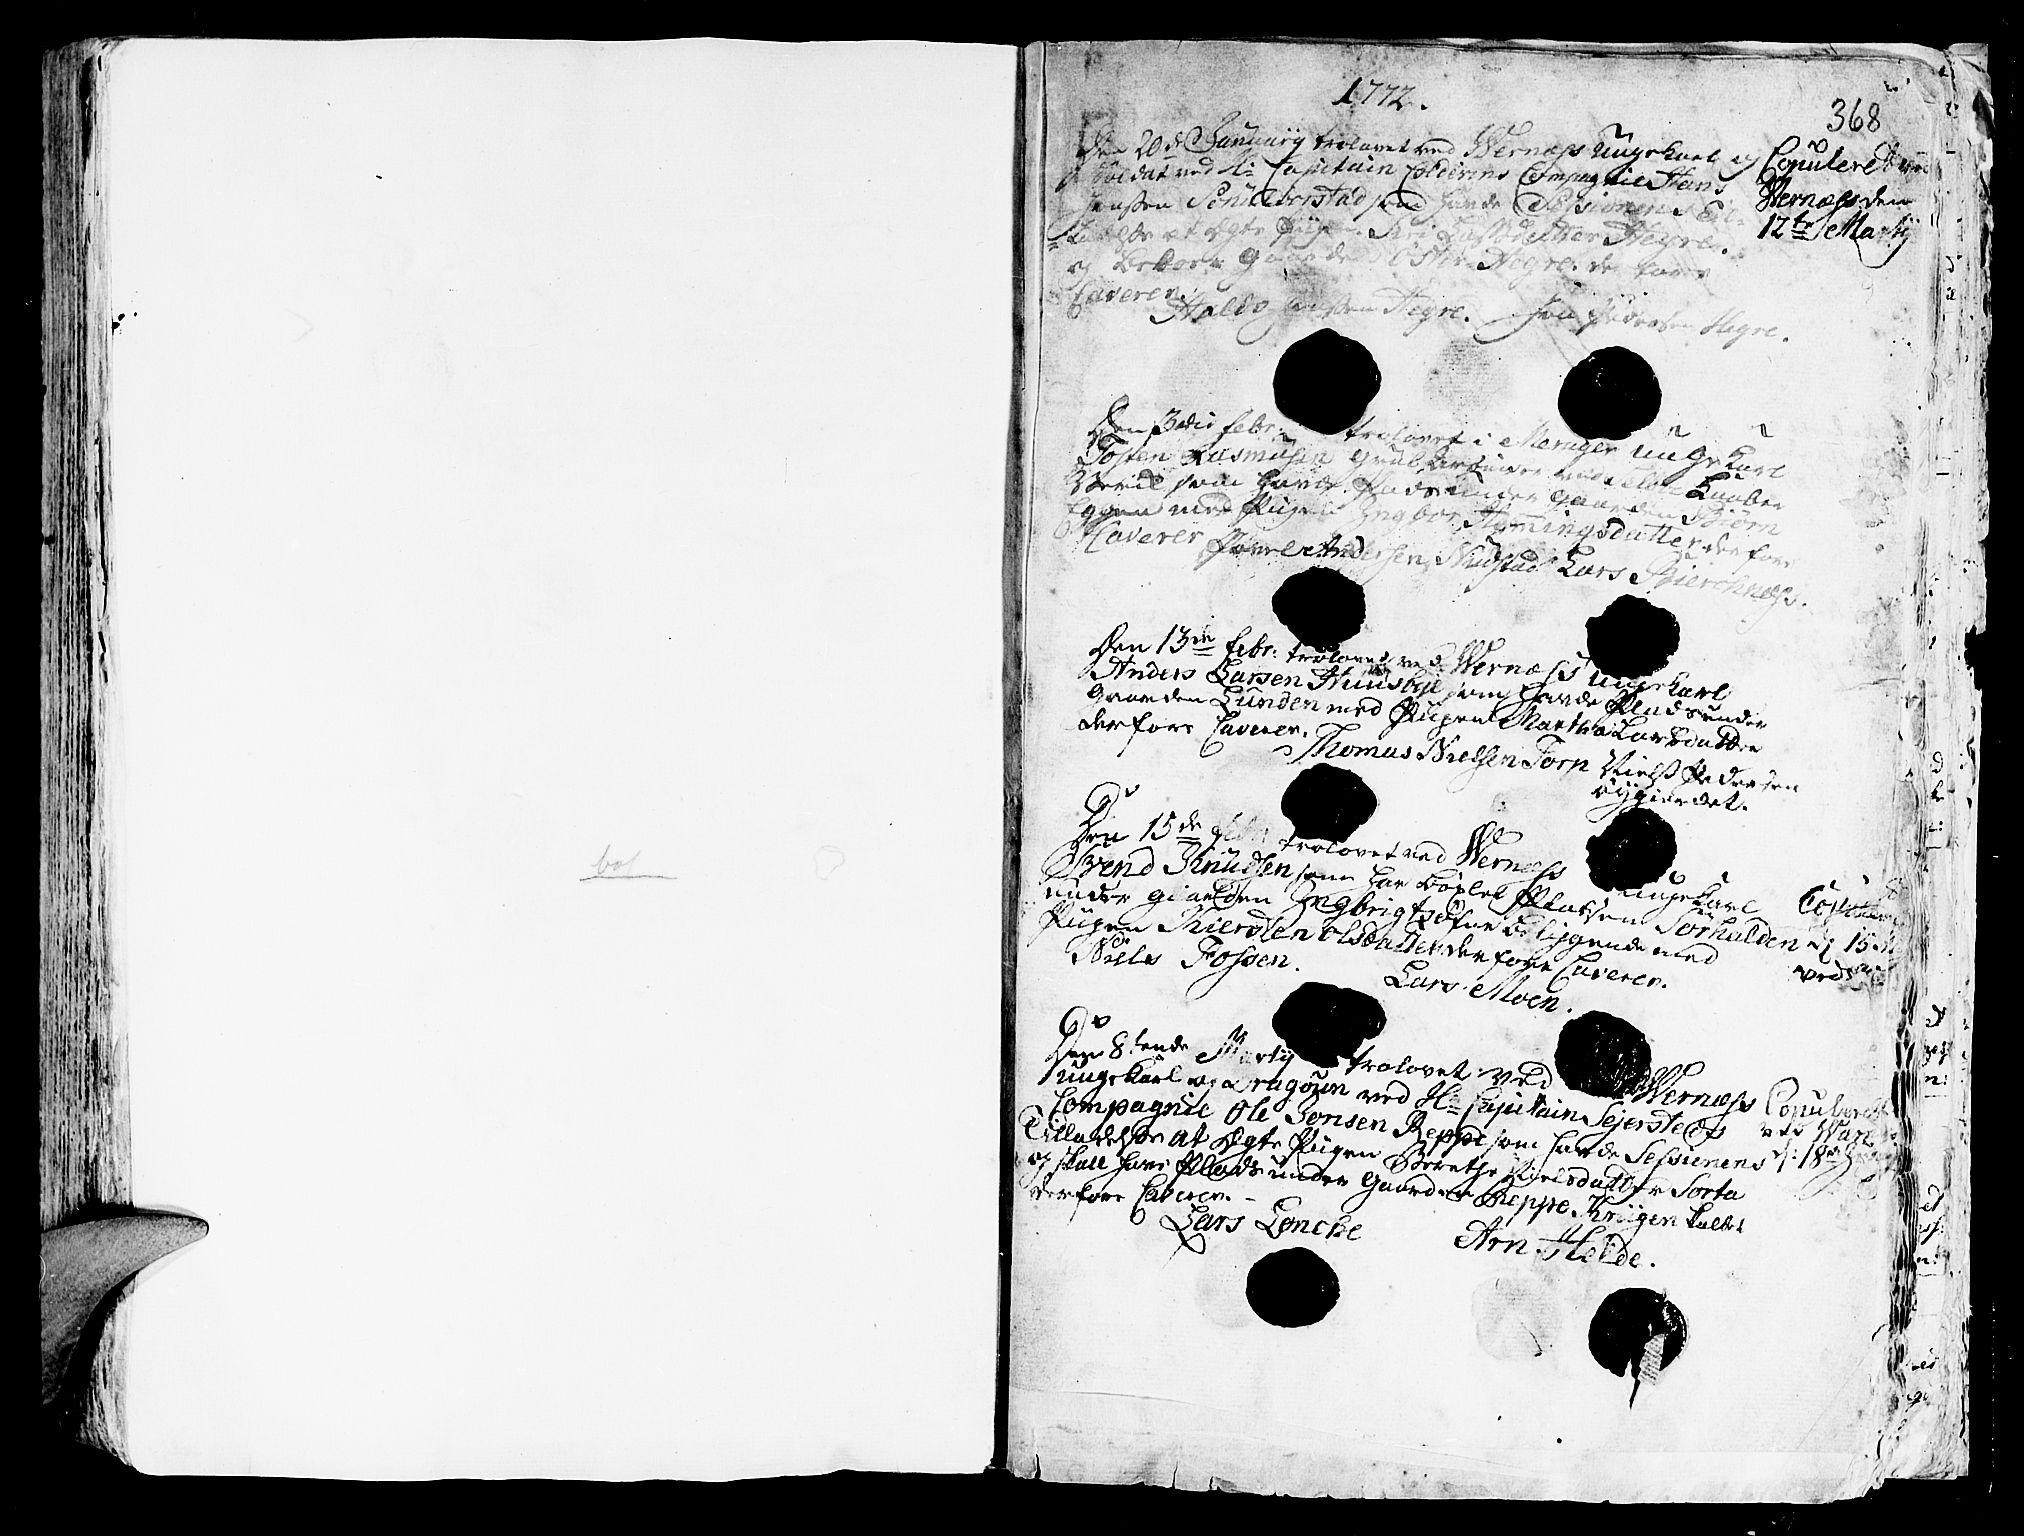 SAT, Ministerialprotokoller, klokkerbøker og fødselsregistre - Nord-Trøndelag, 709/L0057: Ministerialbok nr. 709A05, 1755-1780, s. 368